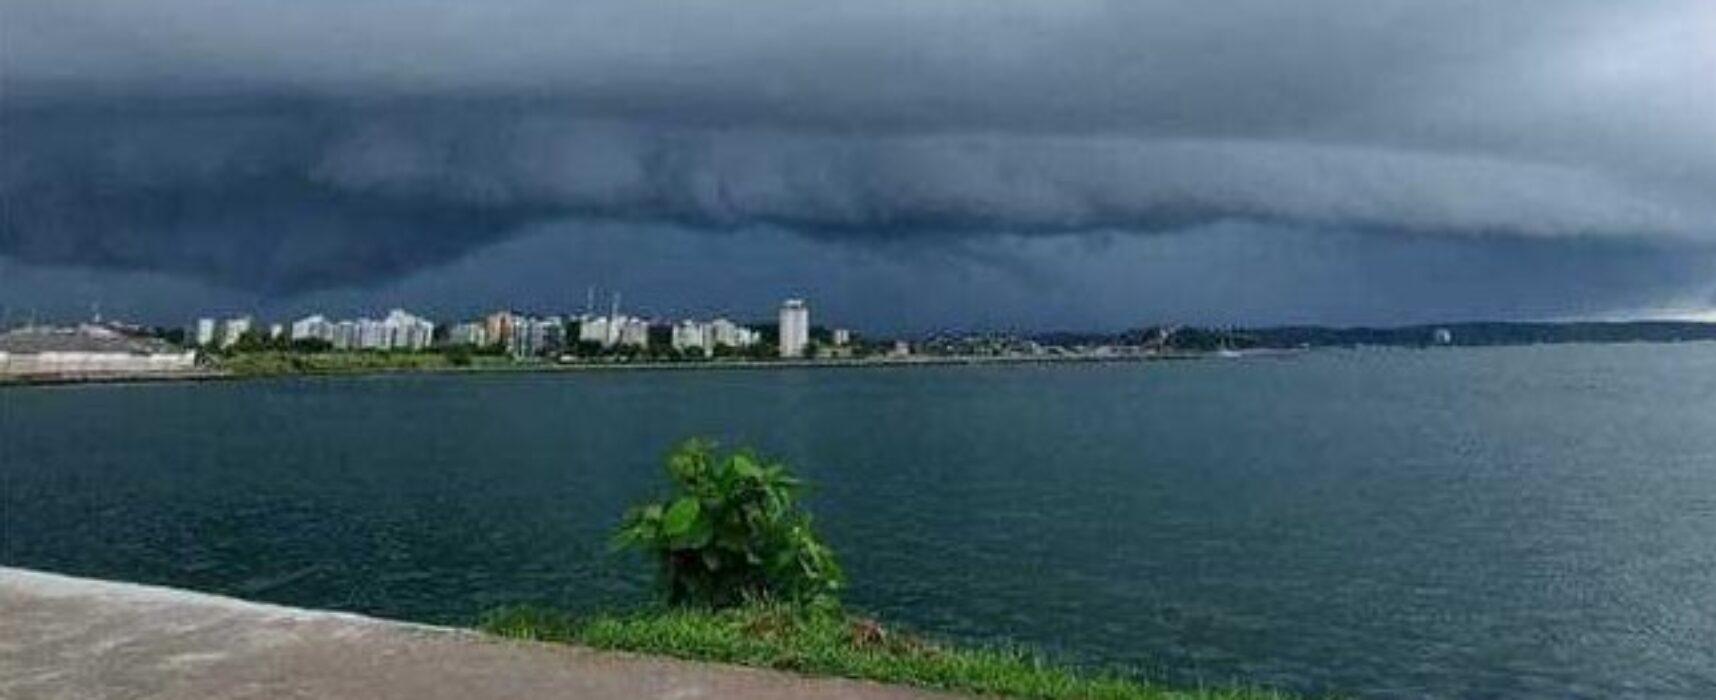 Ilhéus: Defesa civil alerta que previsão é de 52 mm de chuva em 24h